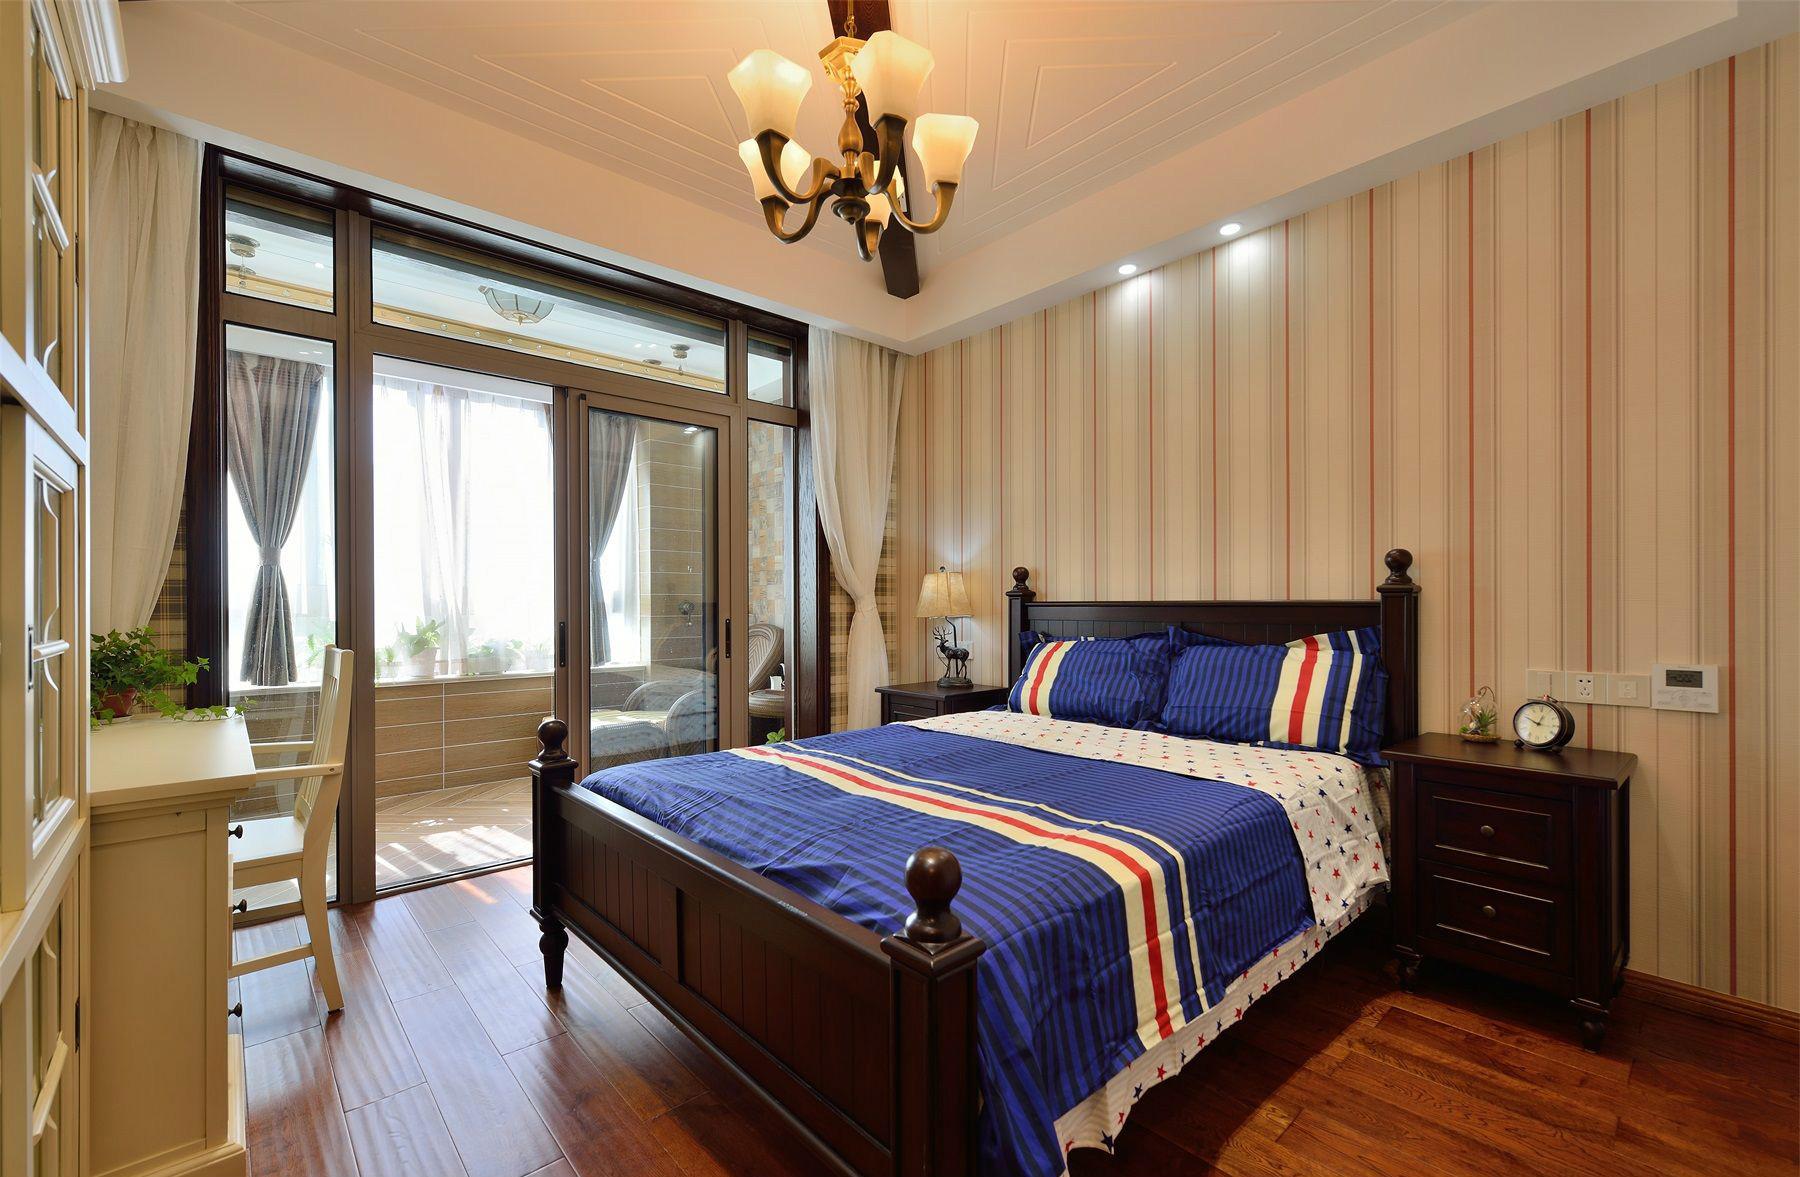 卧室的另一面做了整墙的壁柜,移门与紫色的卧室床品色调非常和谐